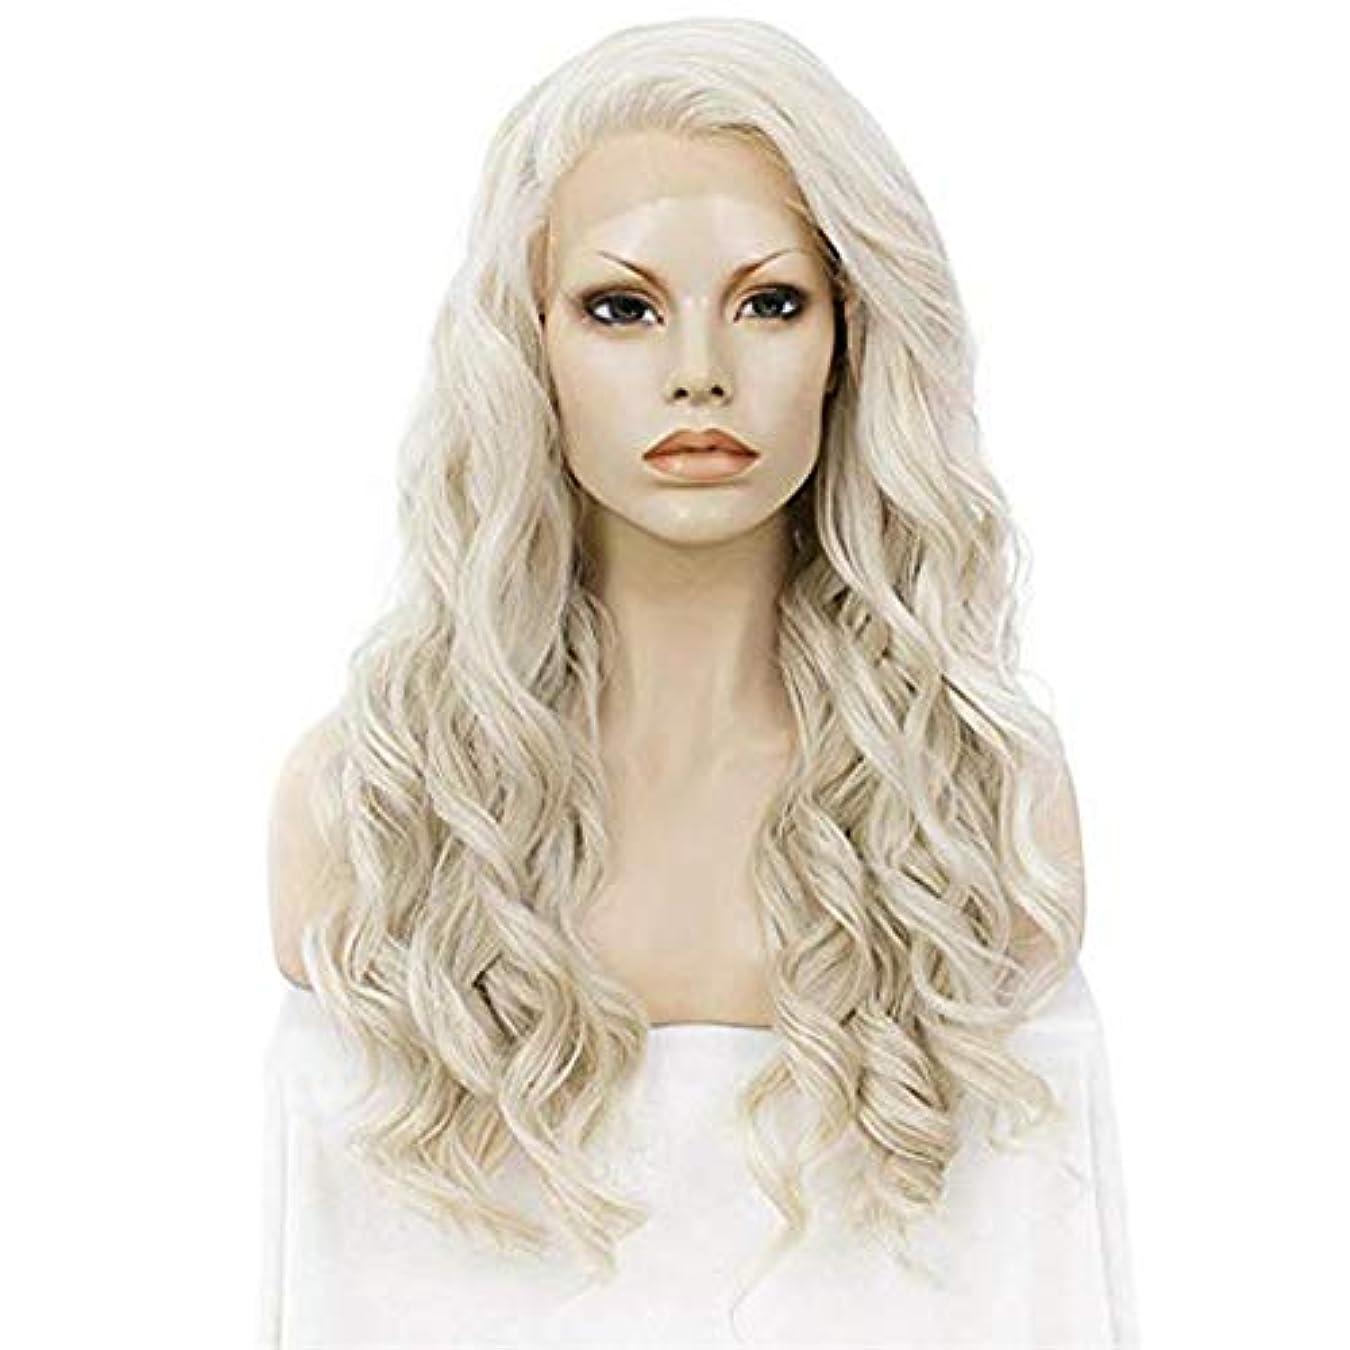 本当にパニック失うヘアピース ヨーロッパおよびアメリカの女性の長い巻き毛のレースの金の大きい波の化学繊維の毛の自然なかつらの毛セット